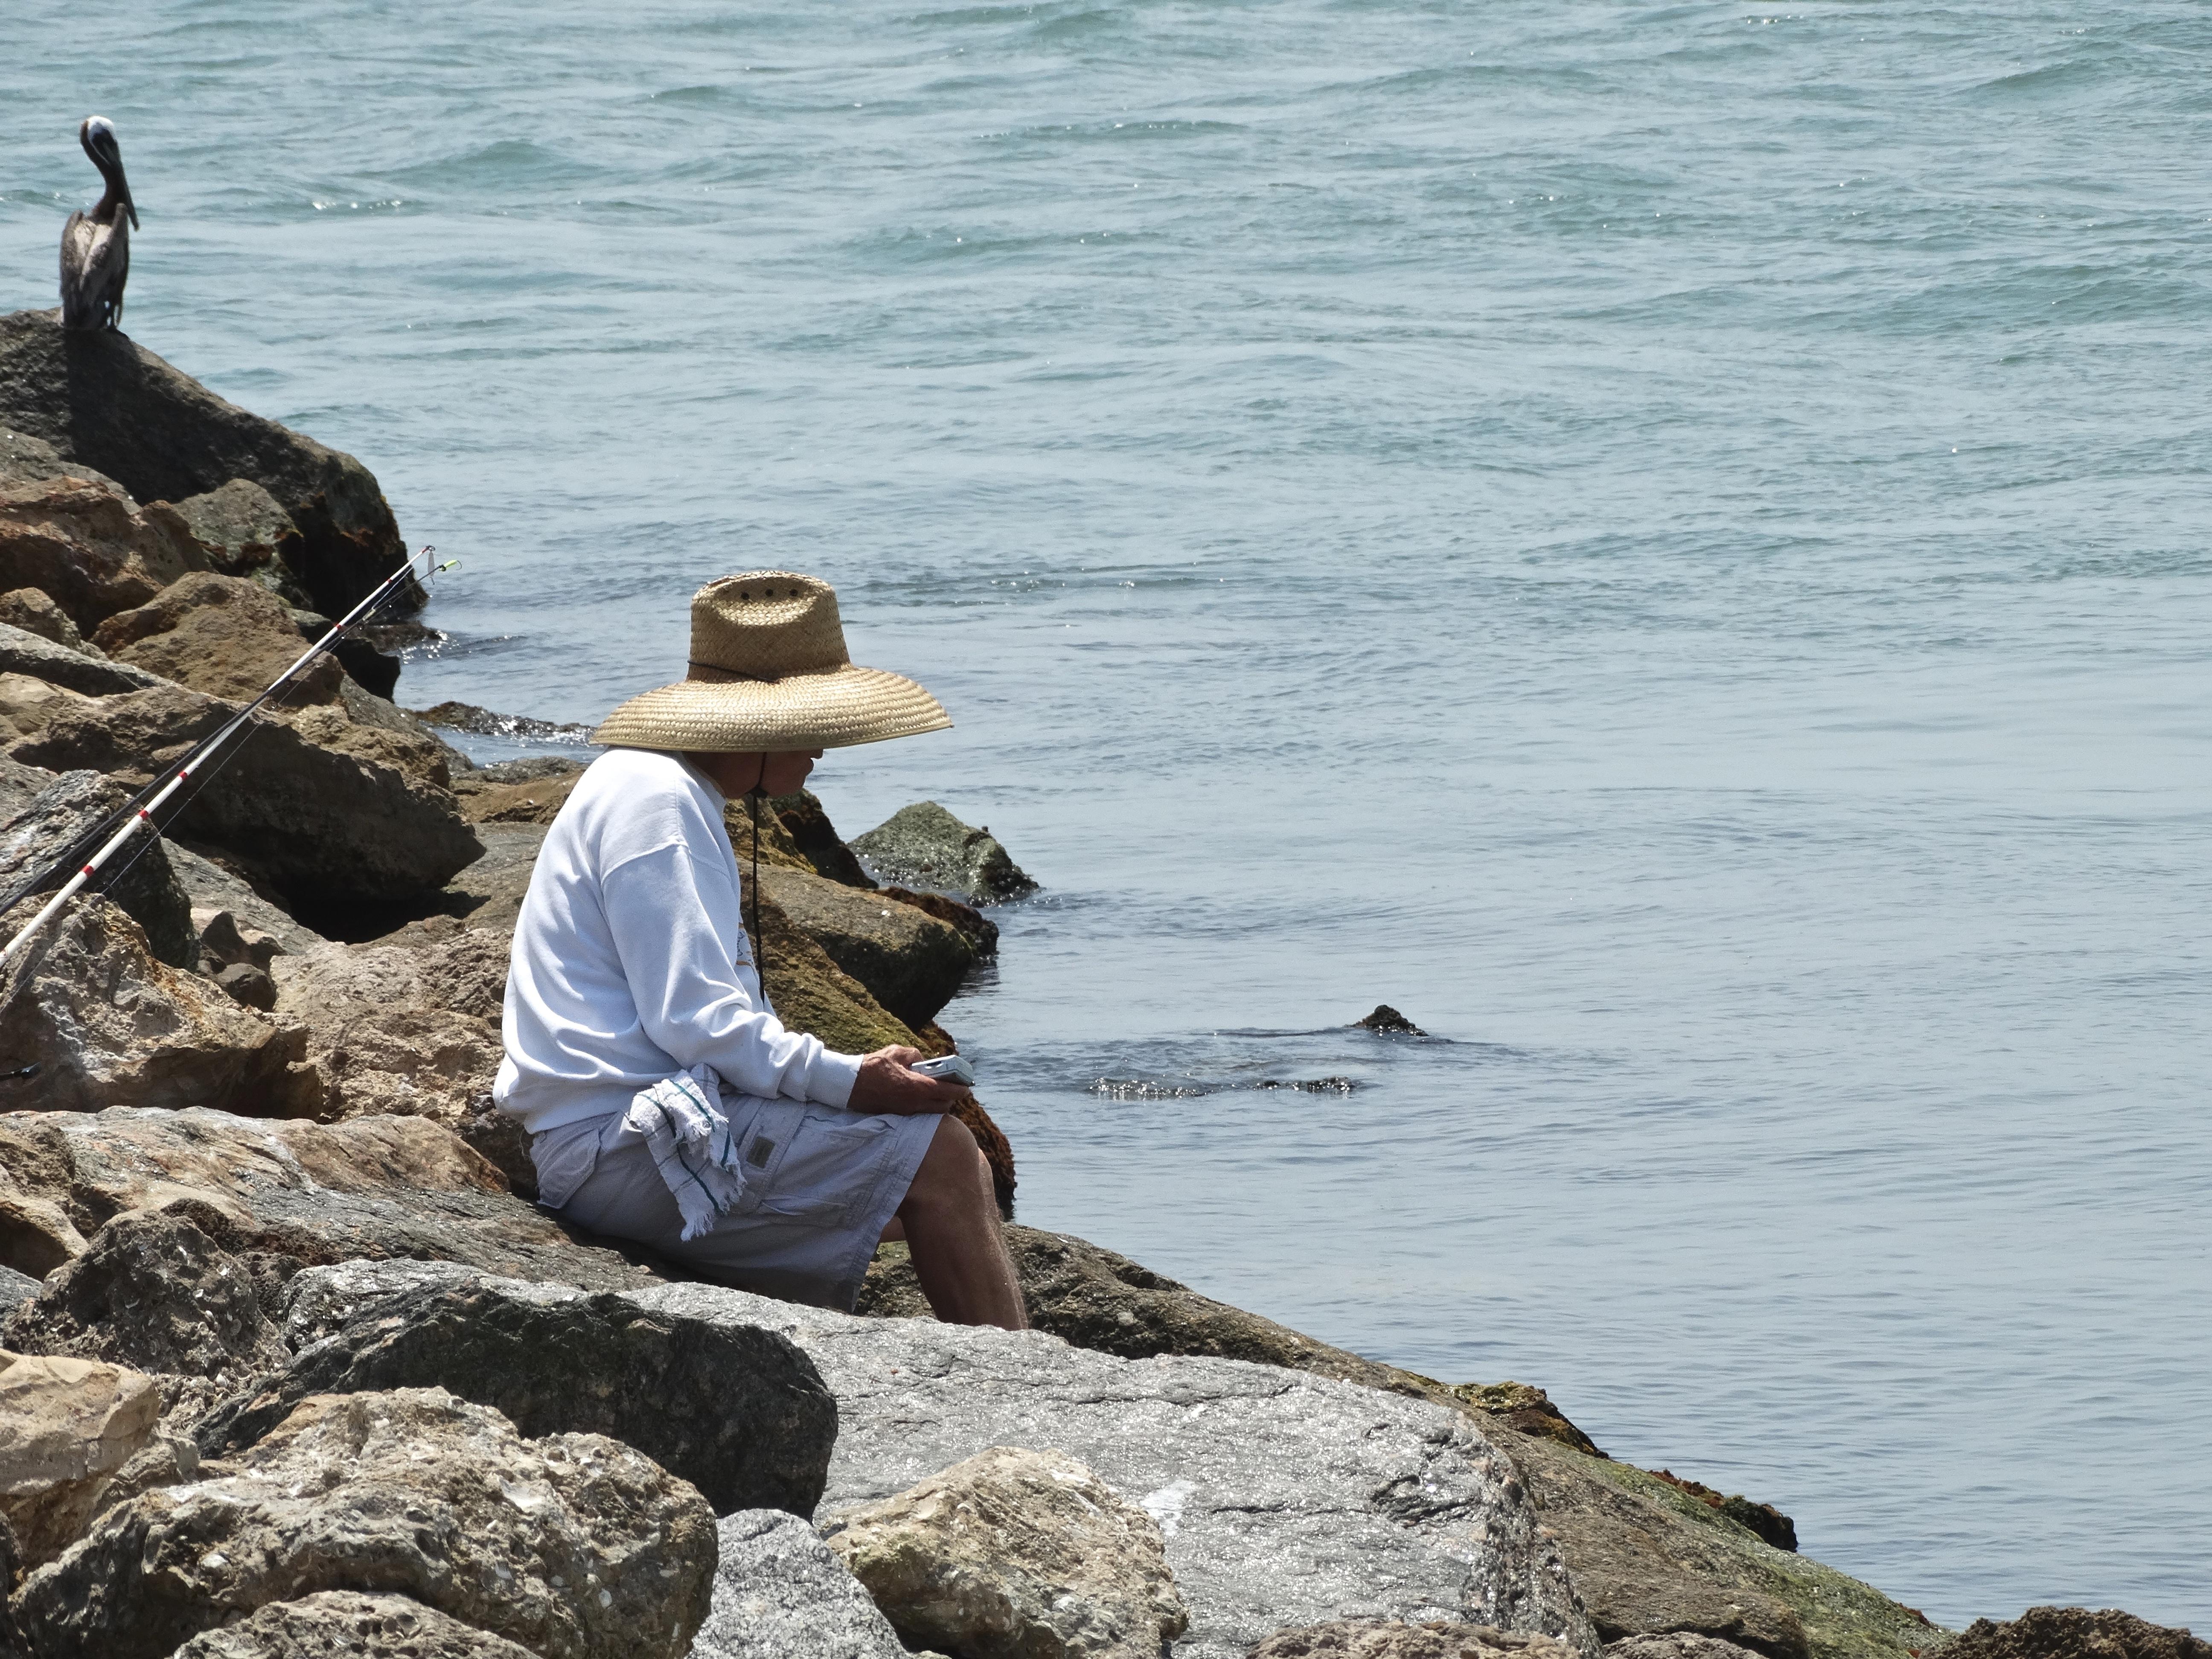 одессе картинки побережья и людей наутилус это